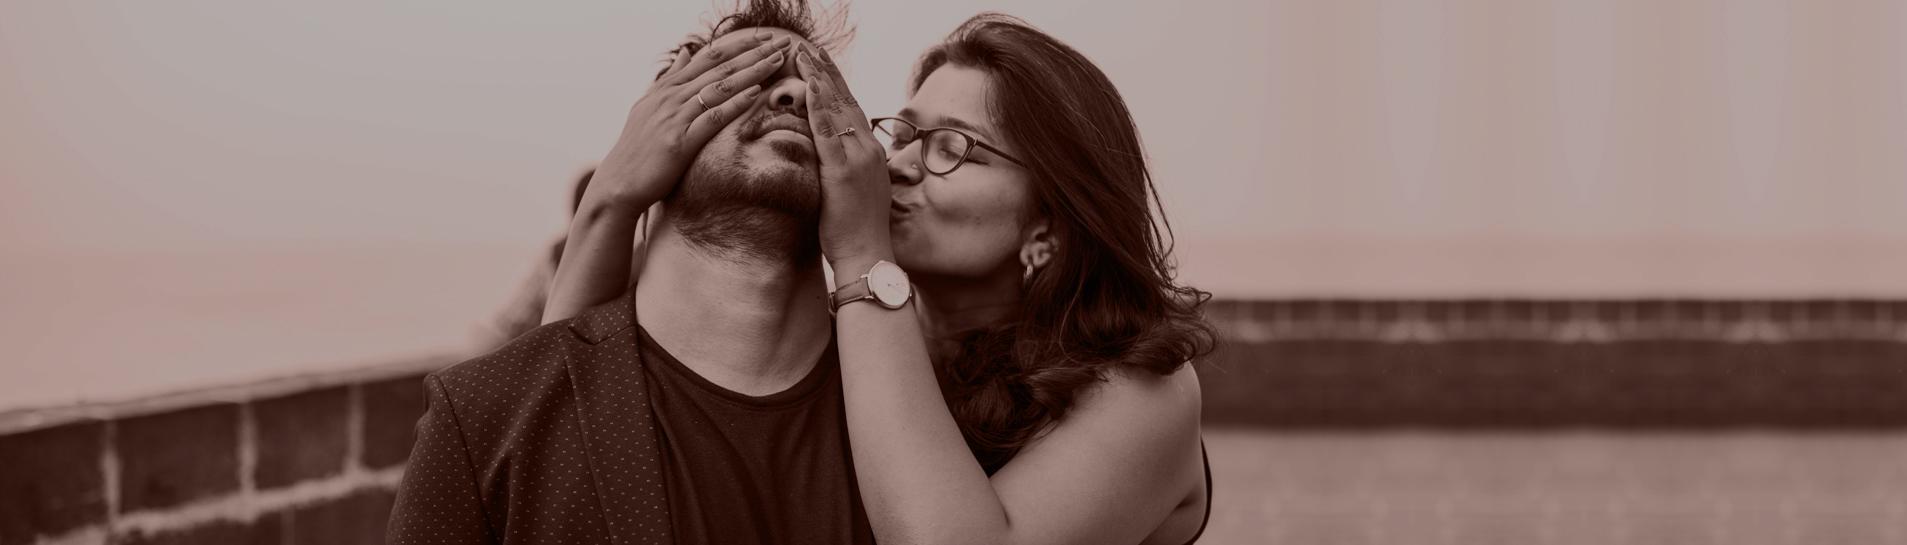 Comment s'épanouir dans sa vie de couple ?